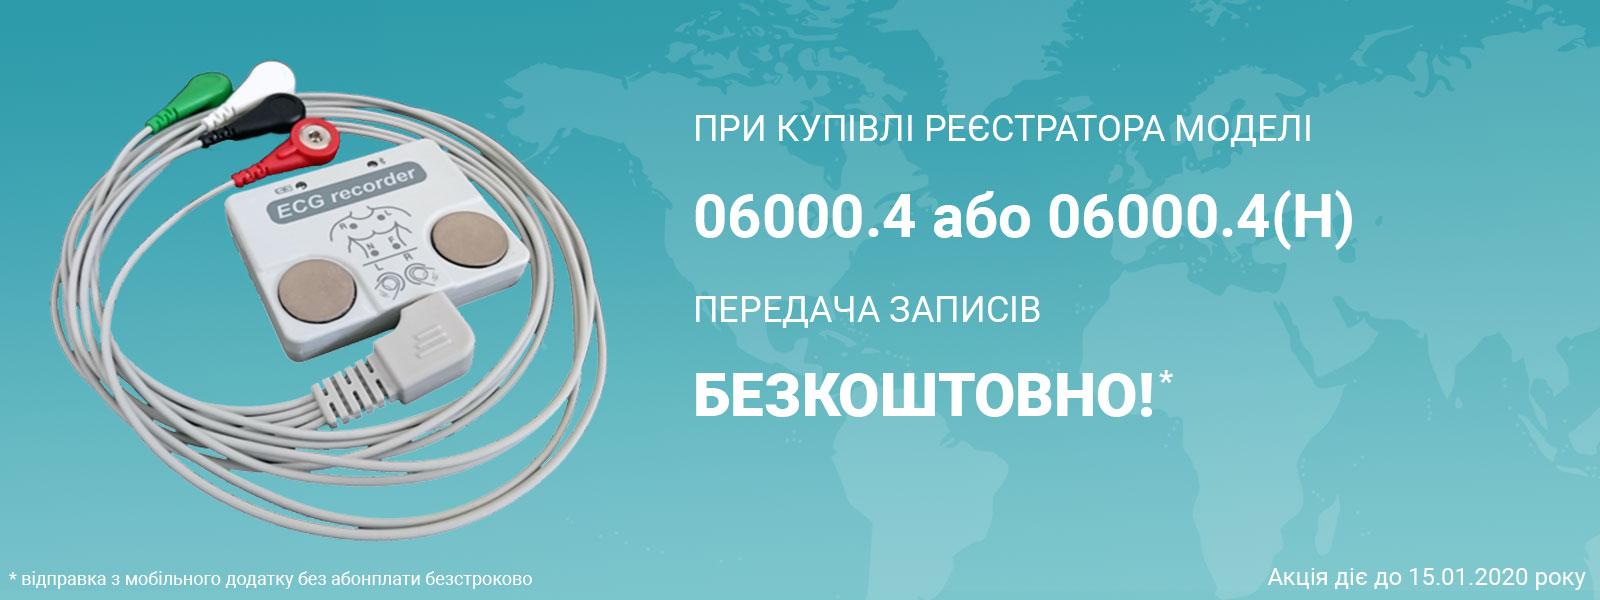 При покупке регистратора 06000.4 передача данных без абонплаты